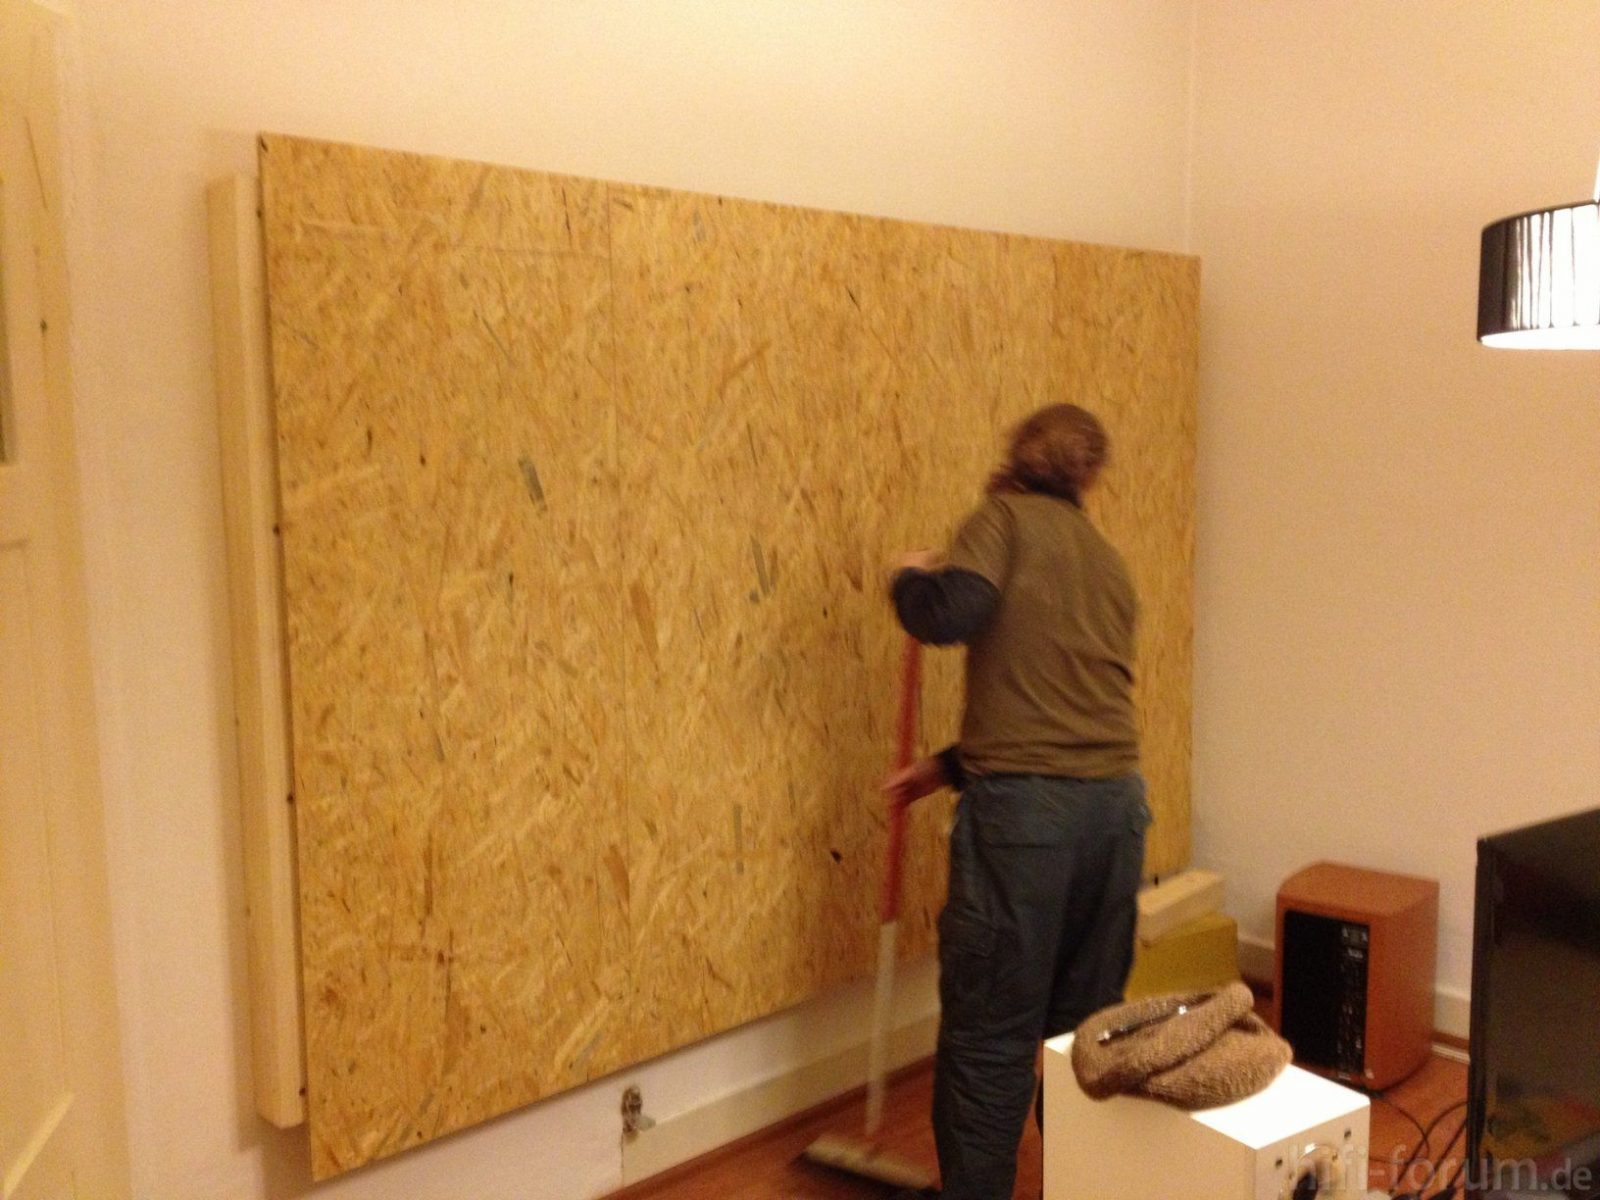 Vorbauwand Für Tv Center & Frontspeaker  Material Tipps Racks von Wand Paneele Verkleidung Anbringen Bild